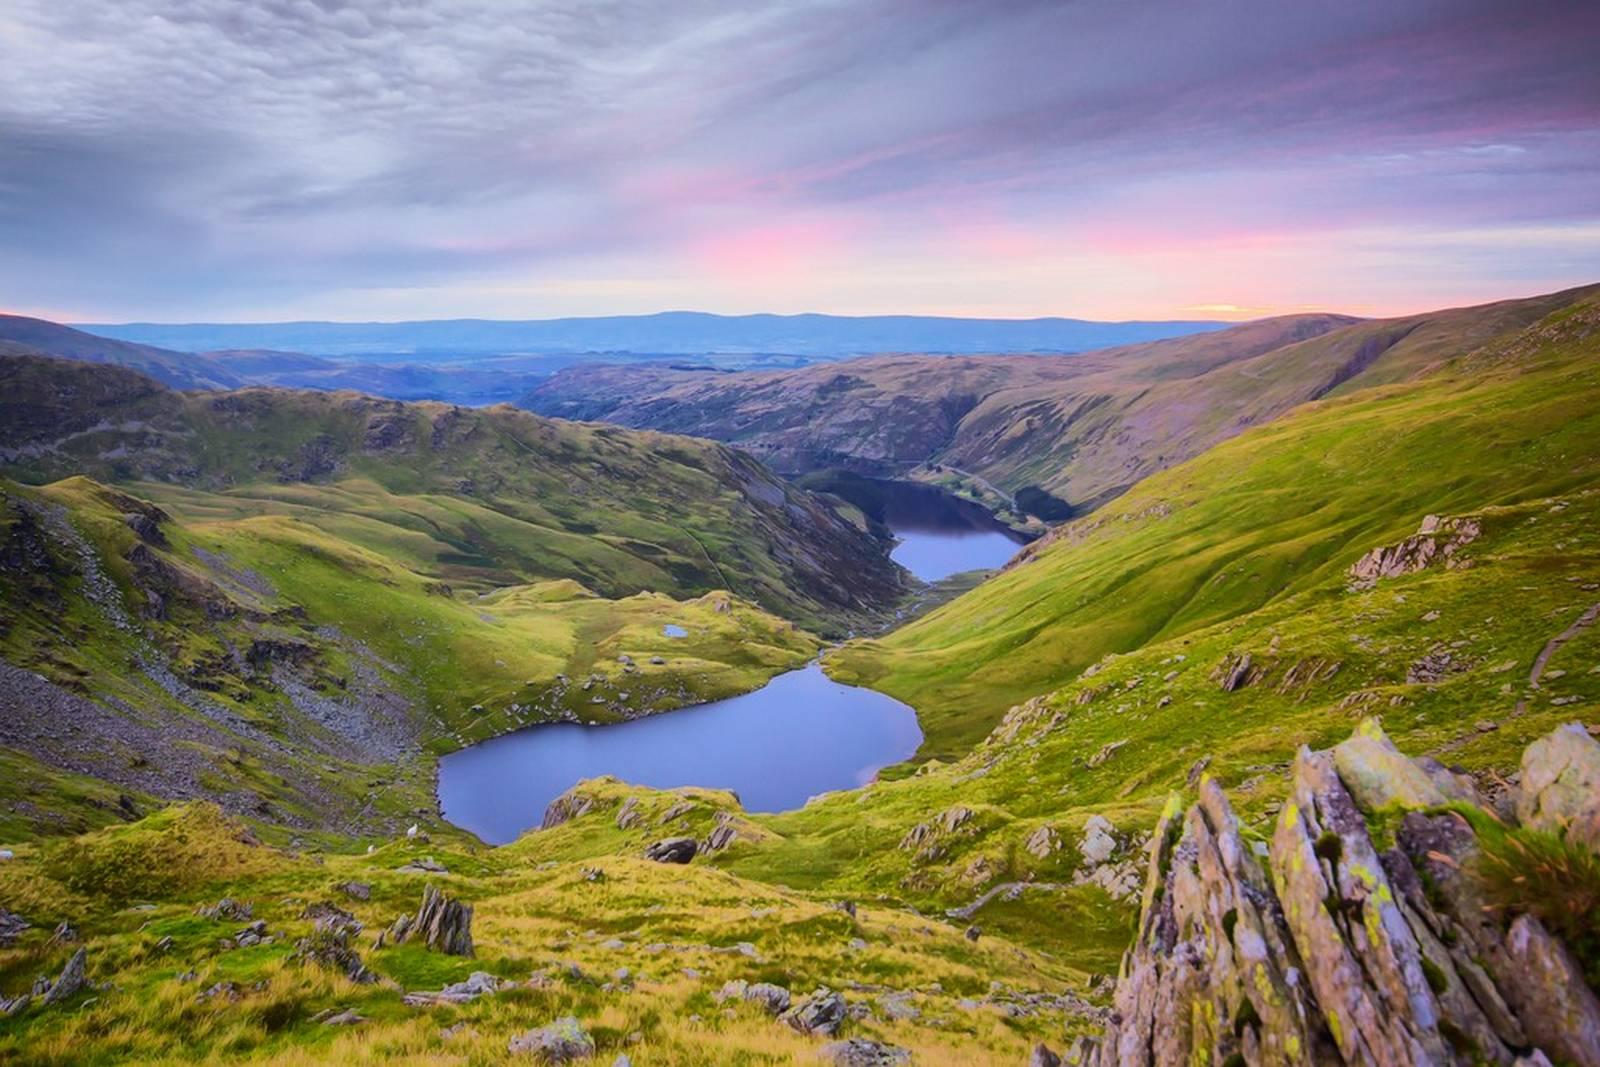 Đứng thứ 7 là nước Anh với những cảnh quan nổi tiếng như như Lake District hay Cornwall.